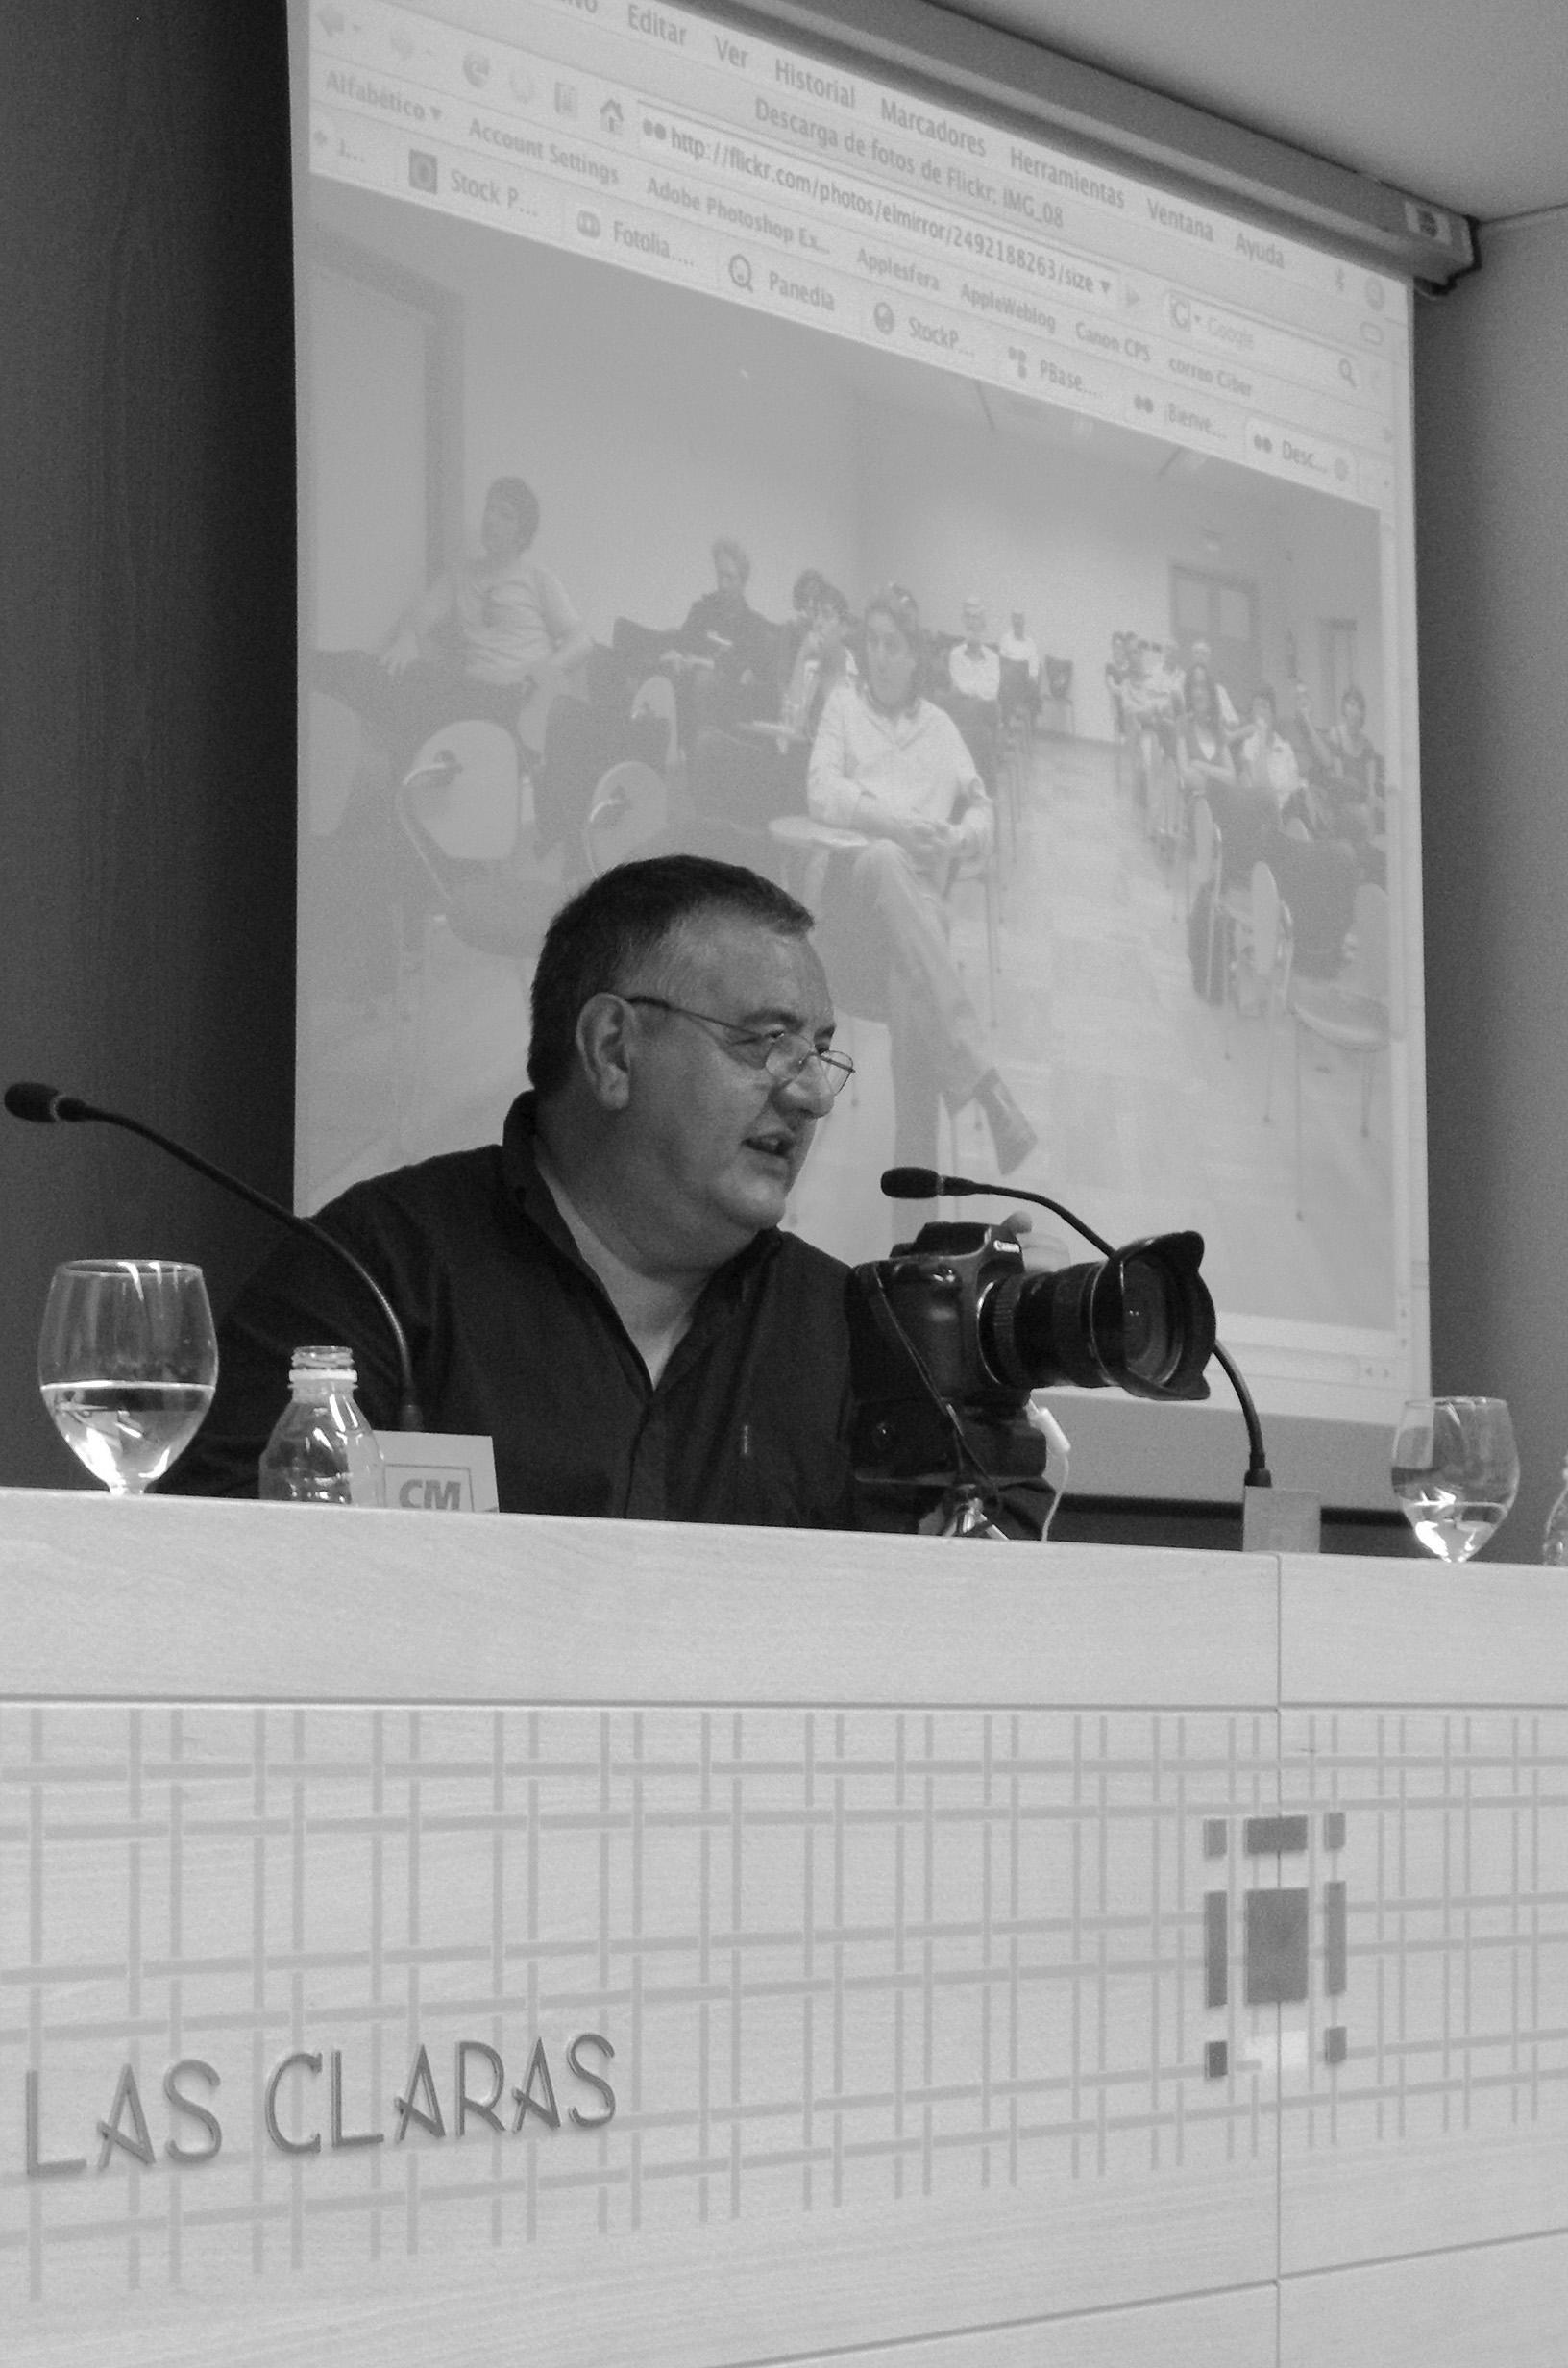 Murcia, 14.05.2008.-  Antonio Espejo, periodista, editor y fotógrafo del diario El País Barcelona, durante su ponencia en las III Jornadas de Fotoperiodismo de la AIG, celebrada en el Centro Cultural Las Claras de la Fundaciónn Cajamurcia.